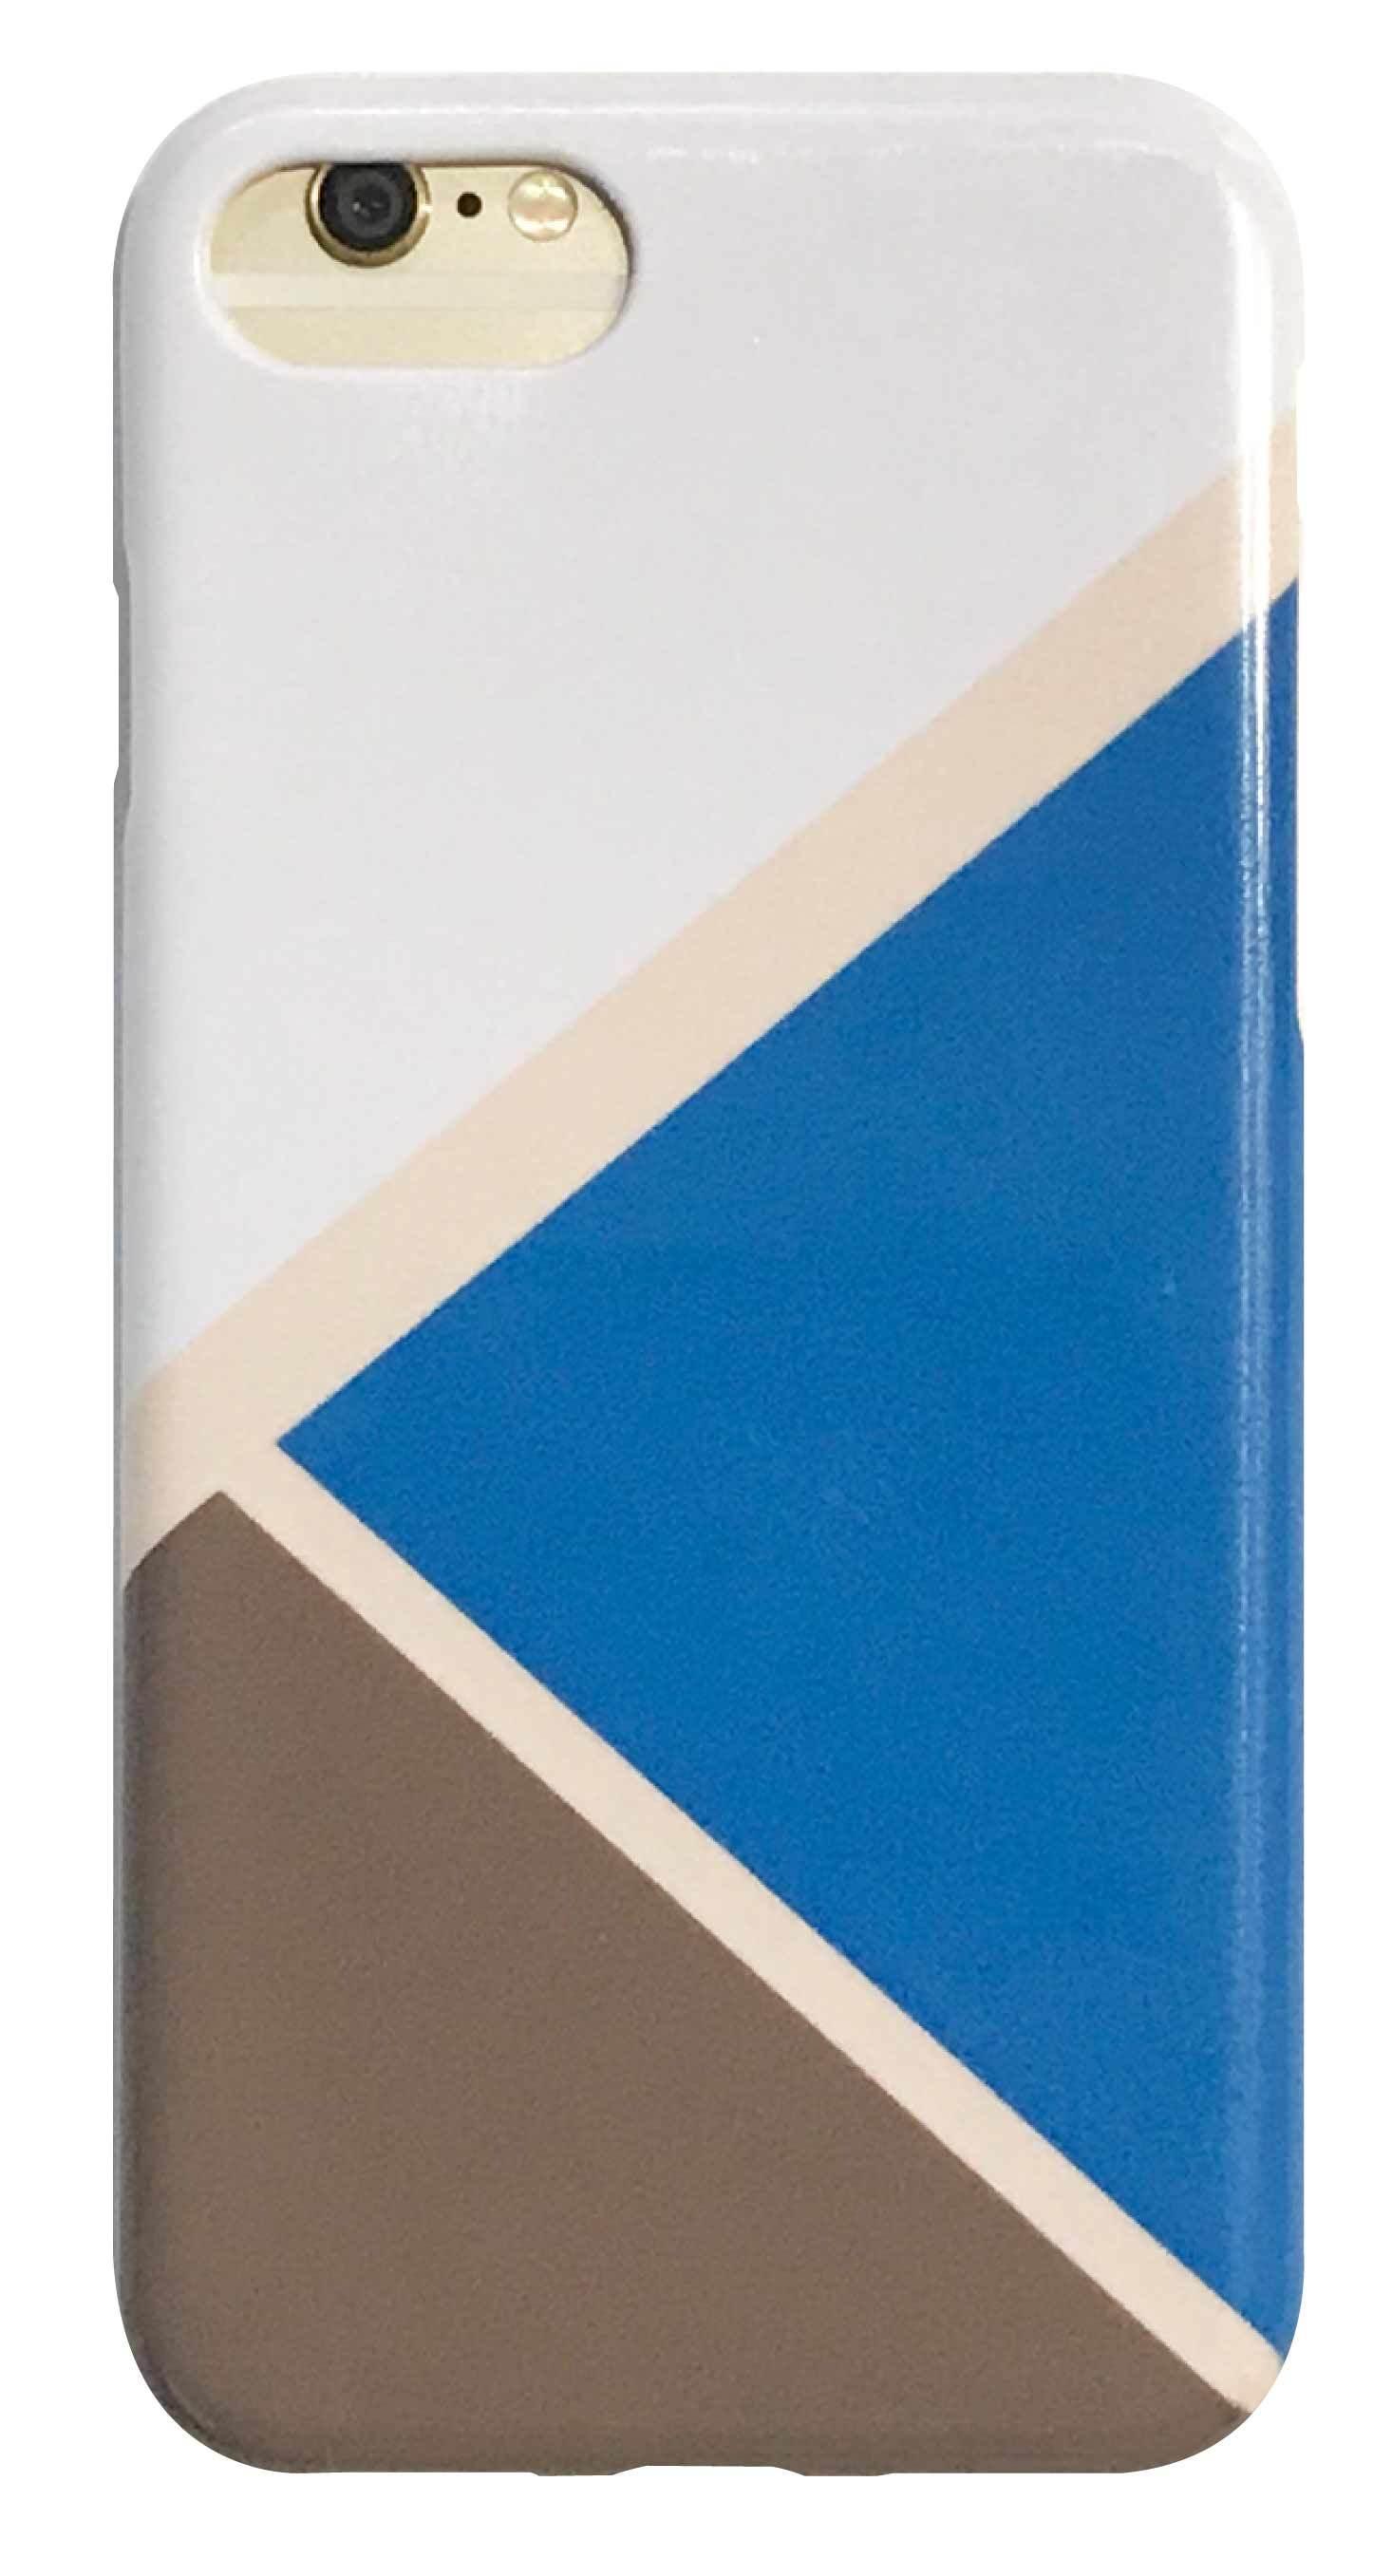 マットパレット ブルー つや有りハードケース